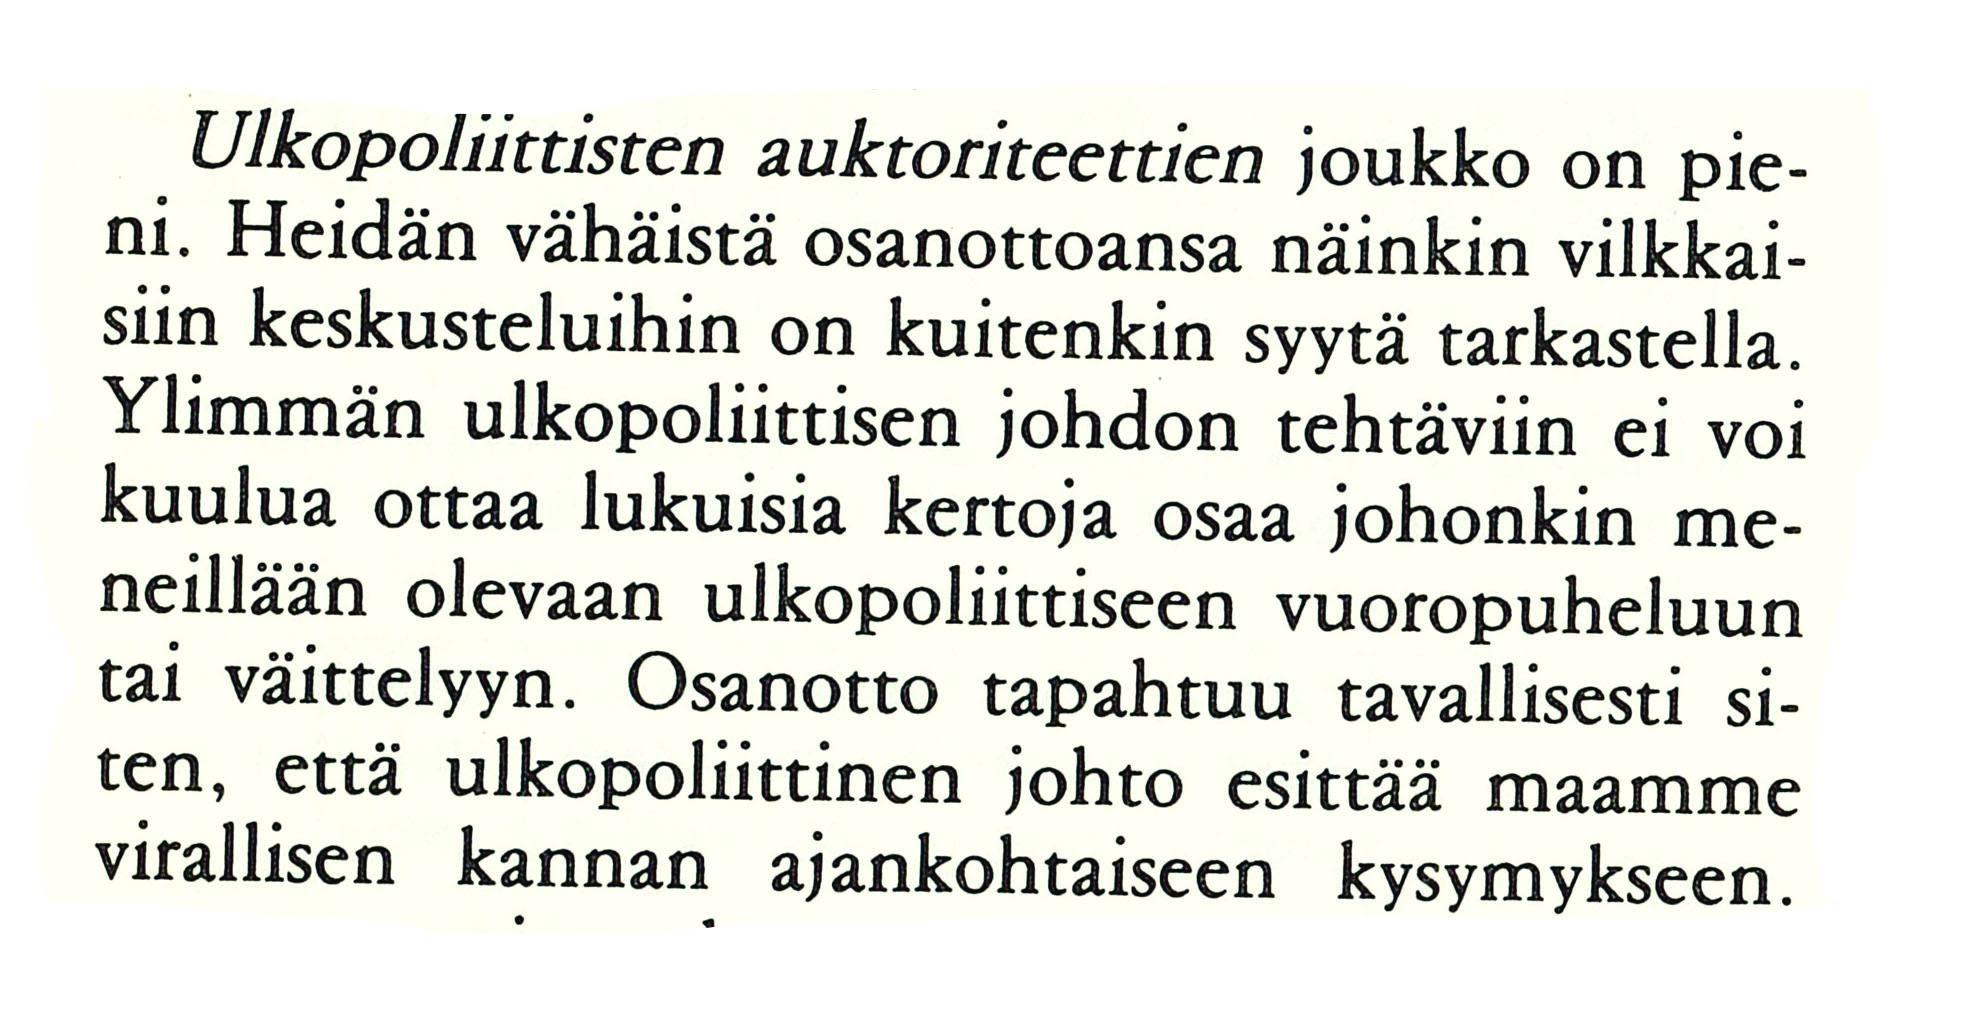 Åbo Akademin valtio-opin laitoksen opettaja Christer Sandén kirjoitti Ulkopolitiikassa 1/1979.